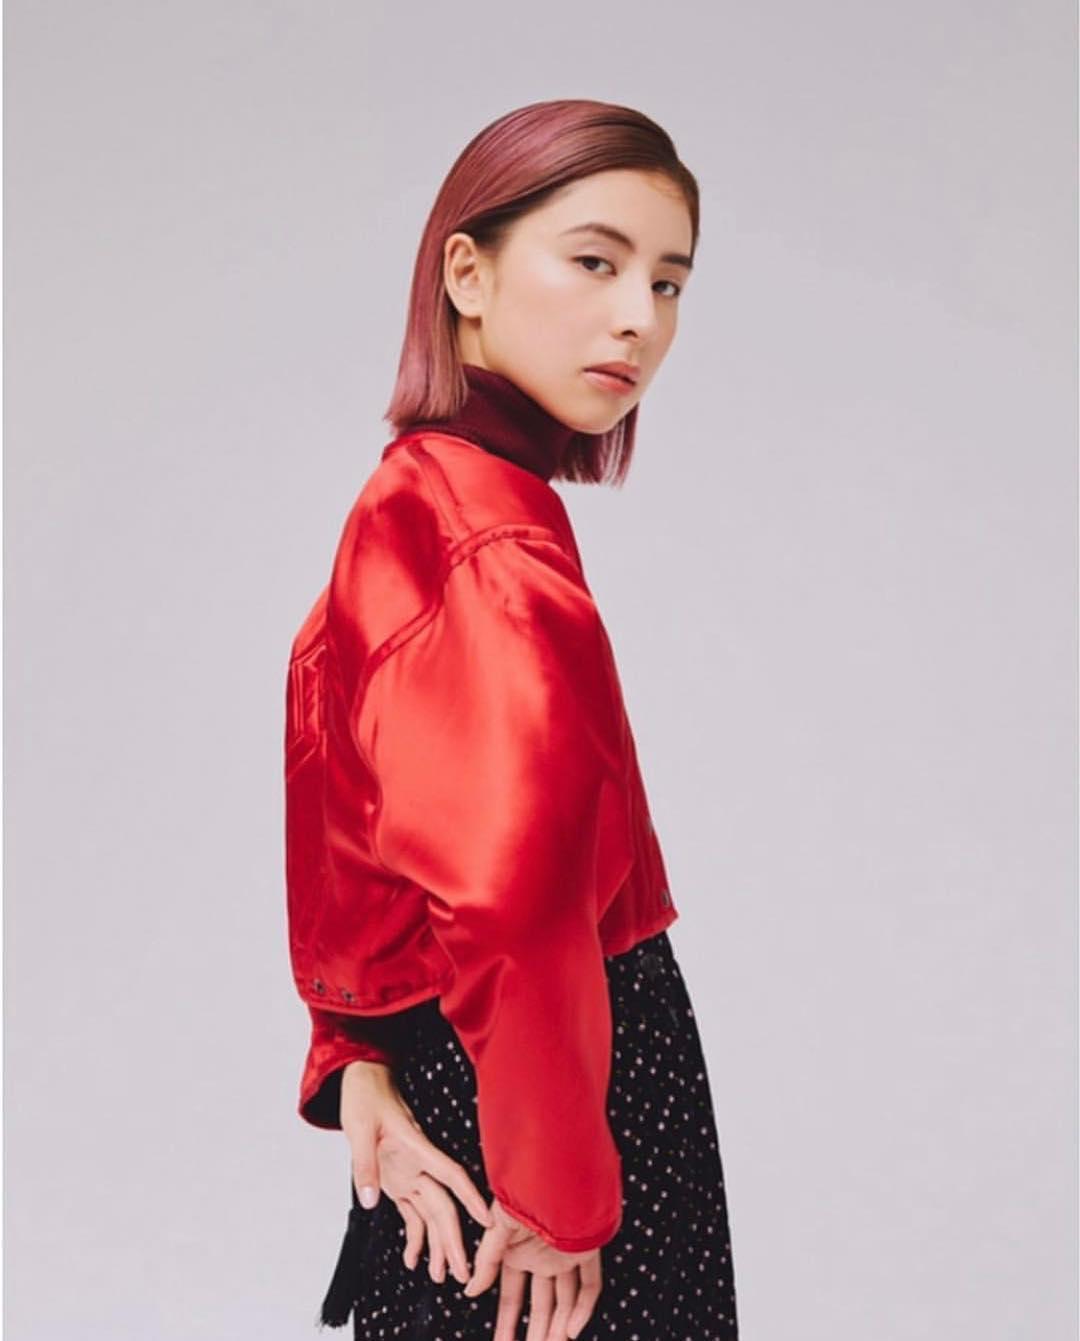 wwd×shiseido